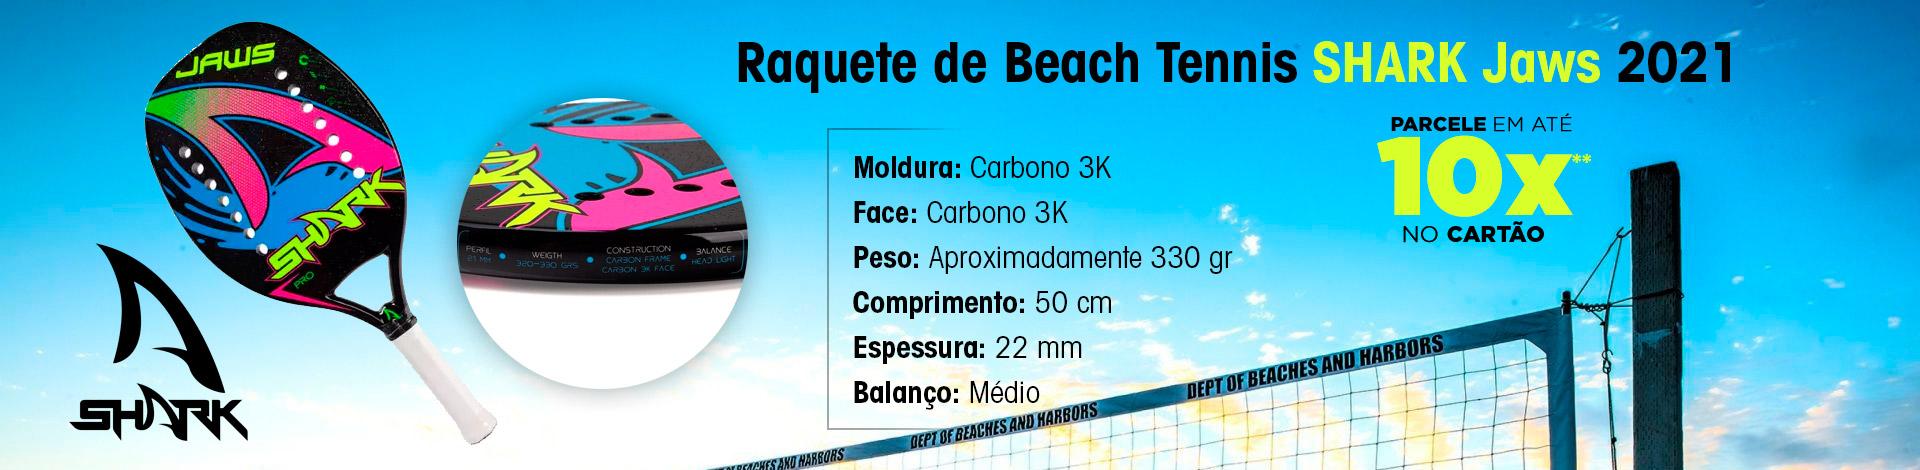 raquetes de beach tennis